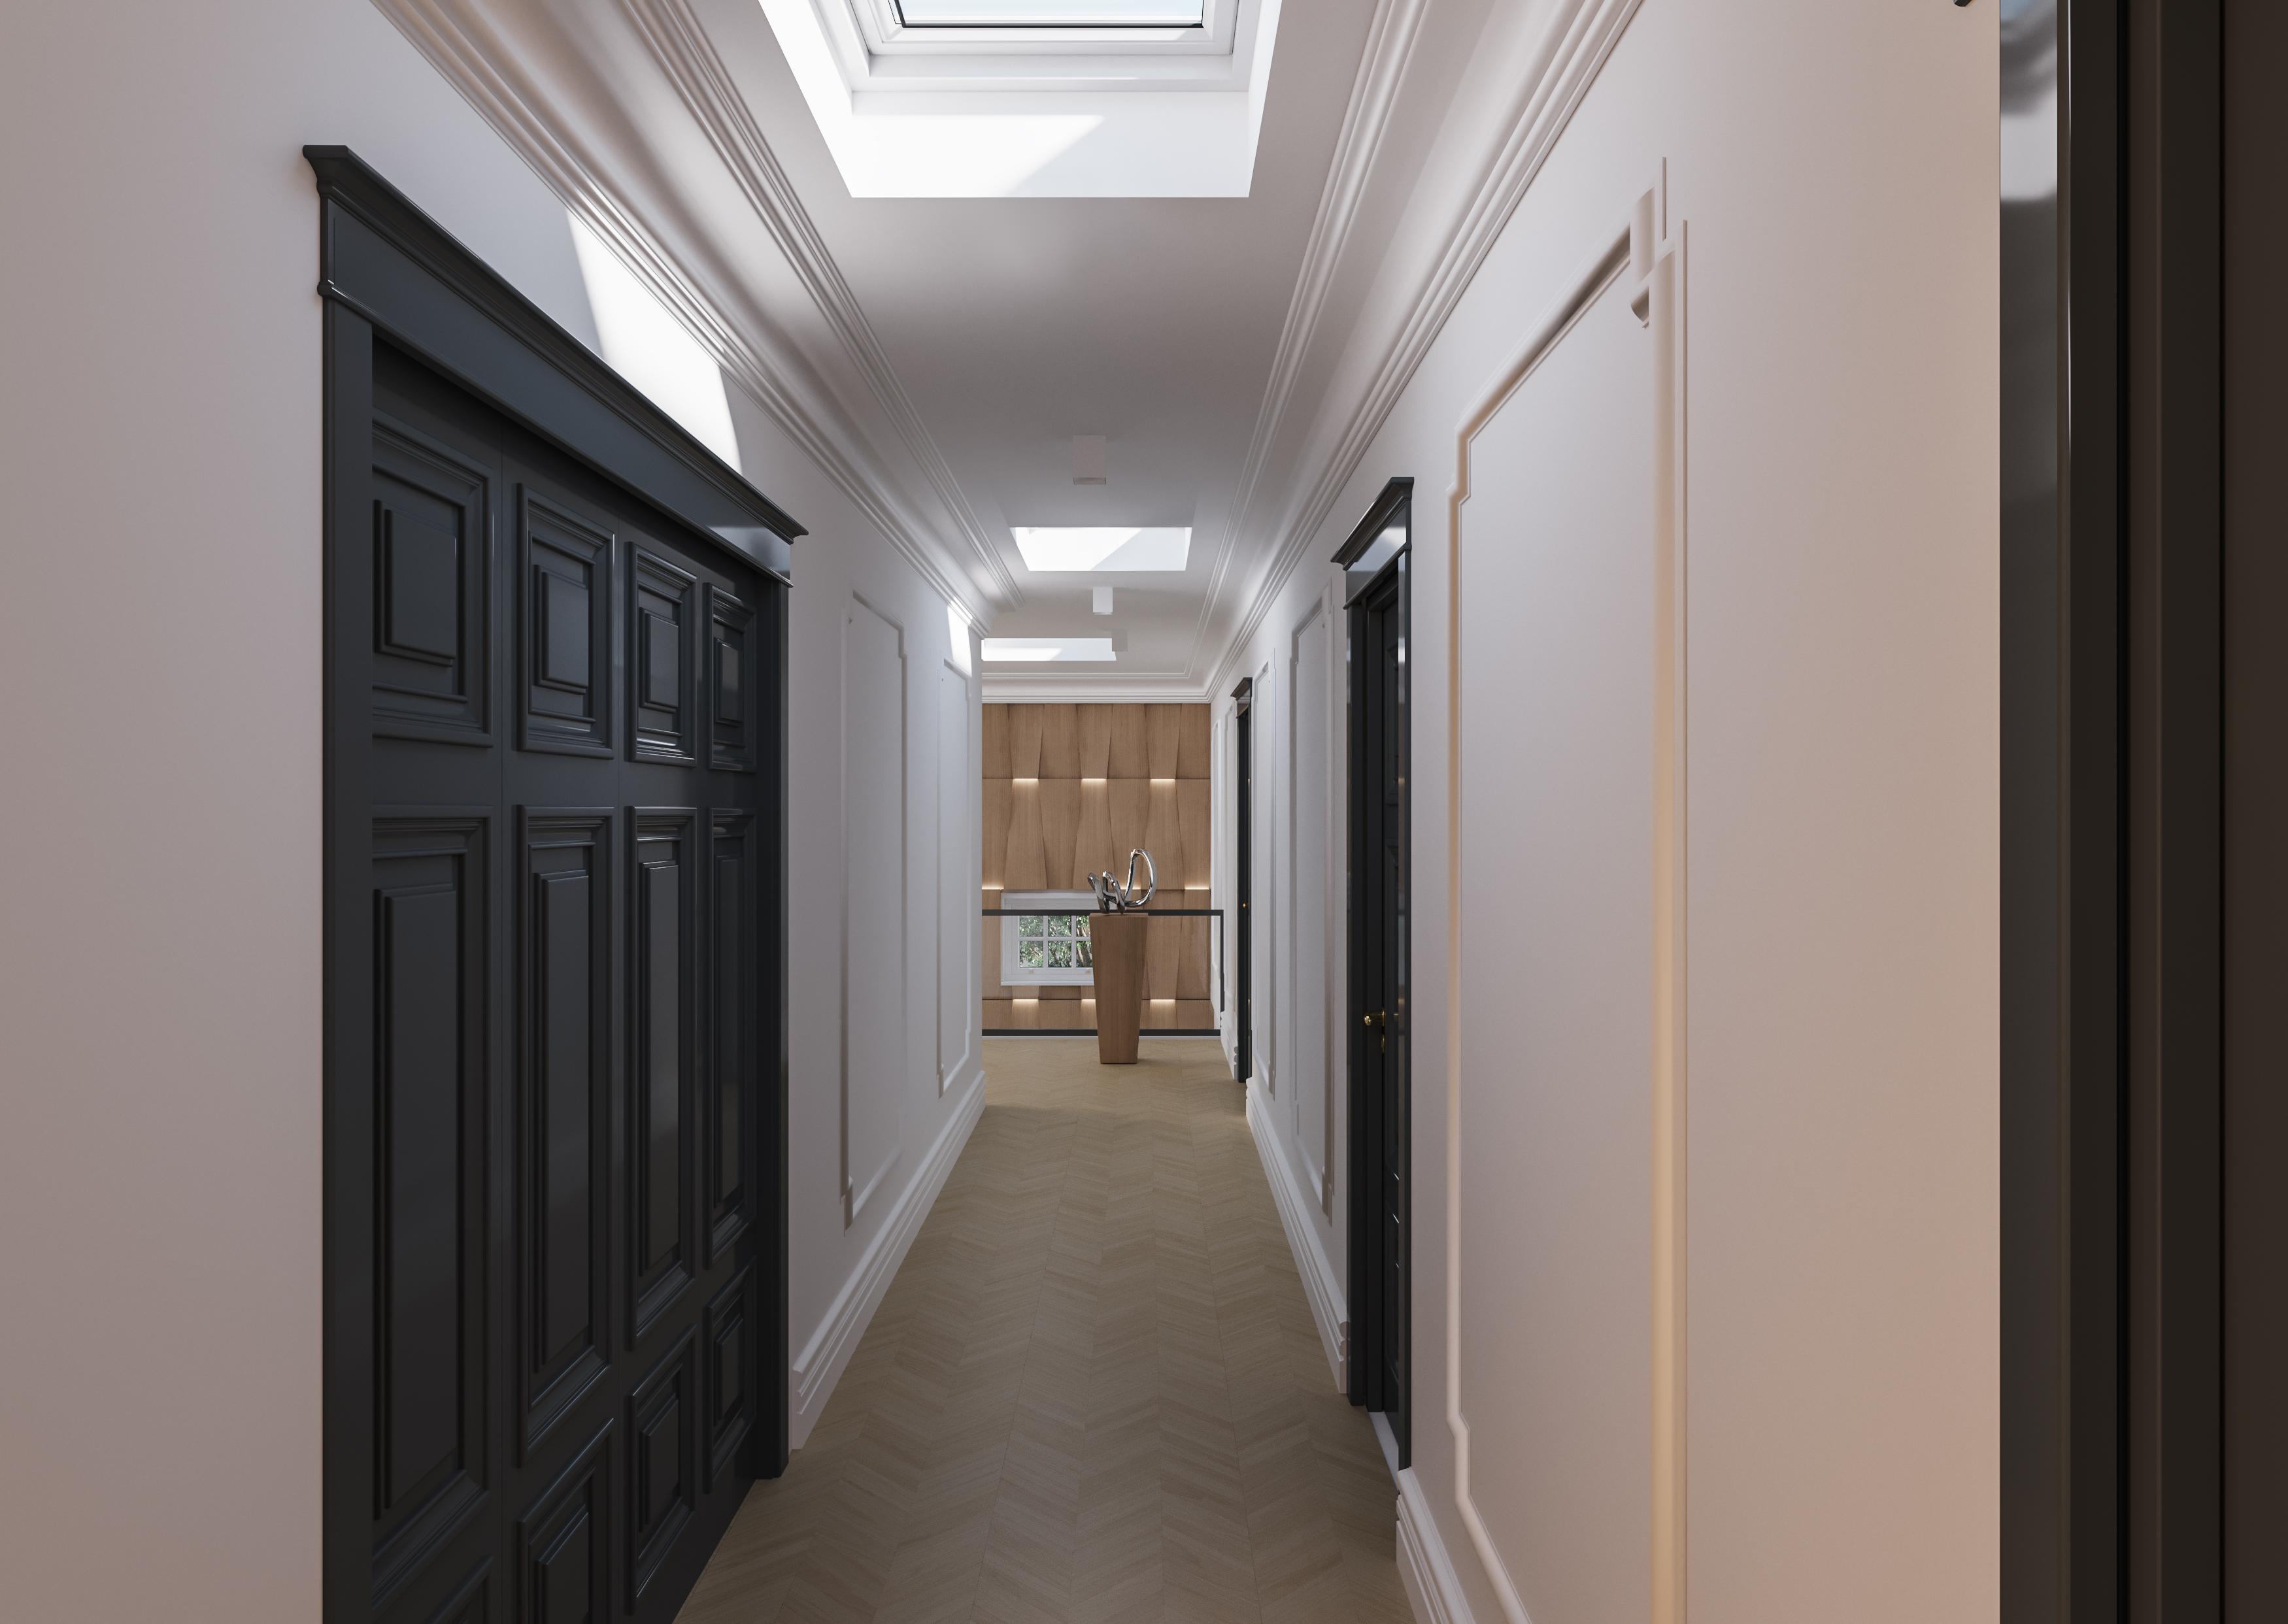 Okna Velux - Simonson oświetlony korytarz wizualizacja wnętrza